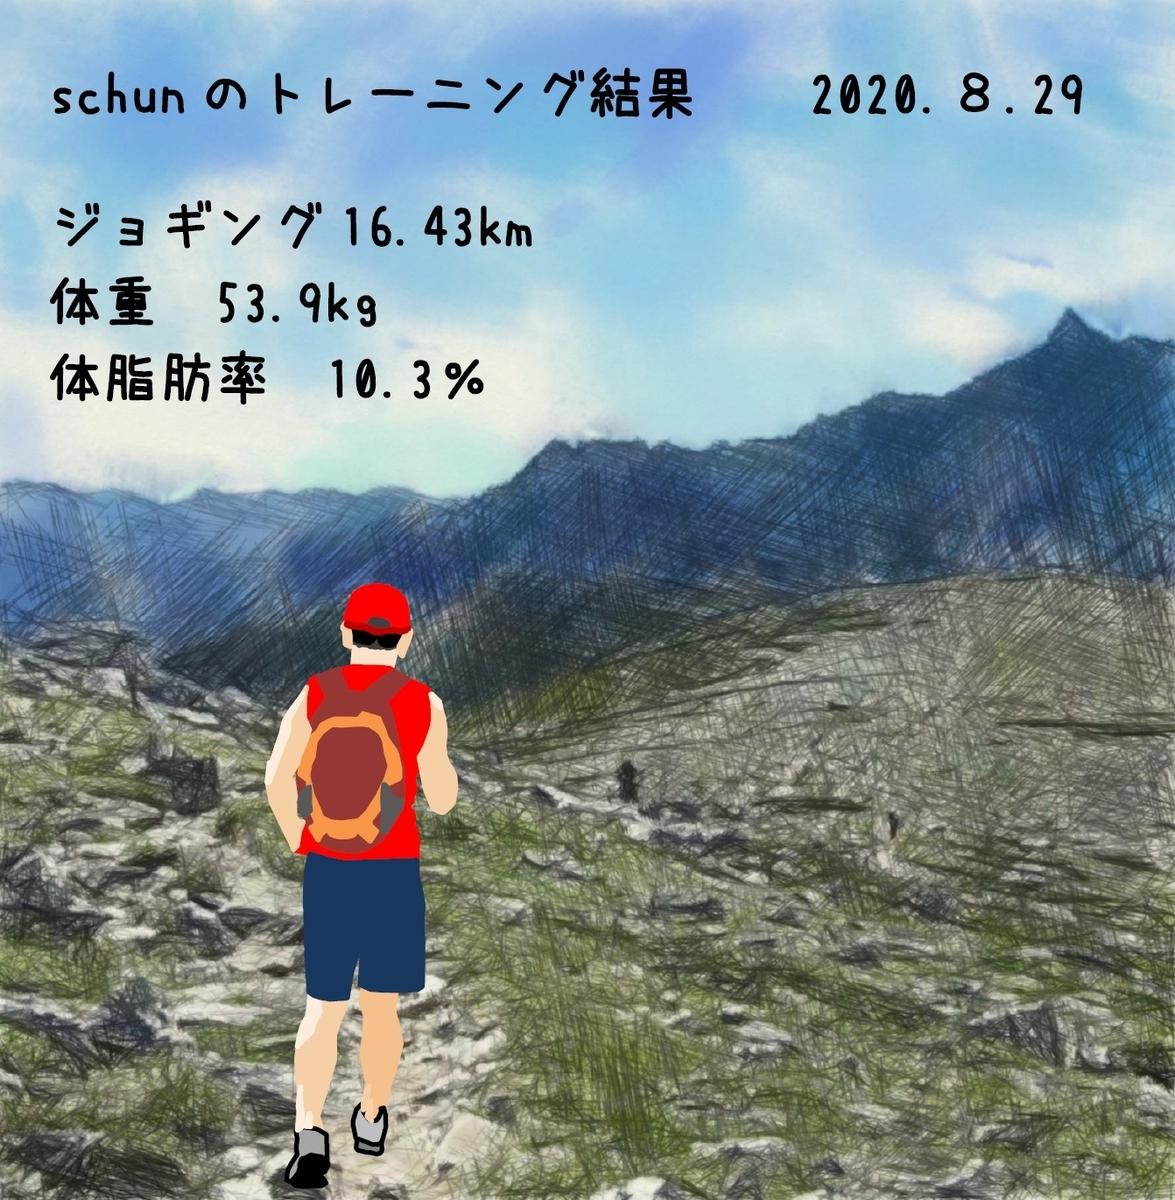 f:id:schunchi2007:20210829205134j:plain